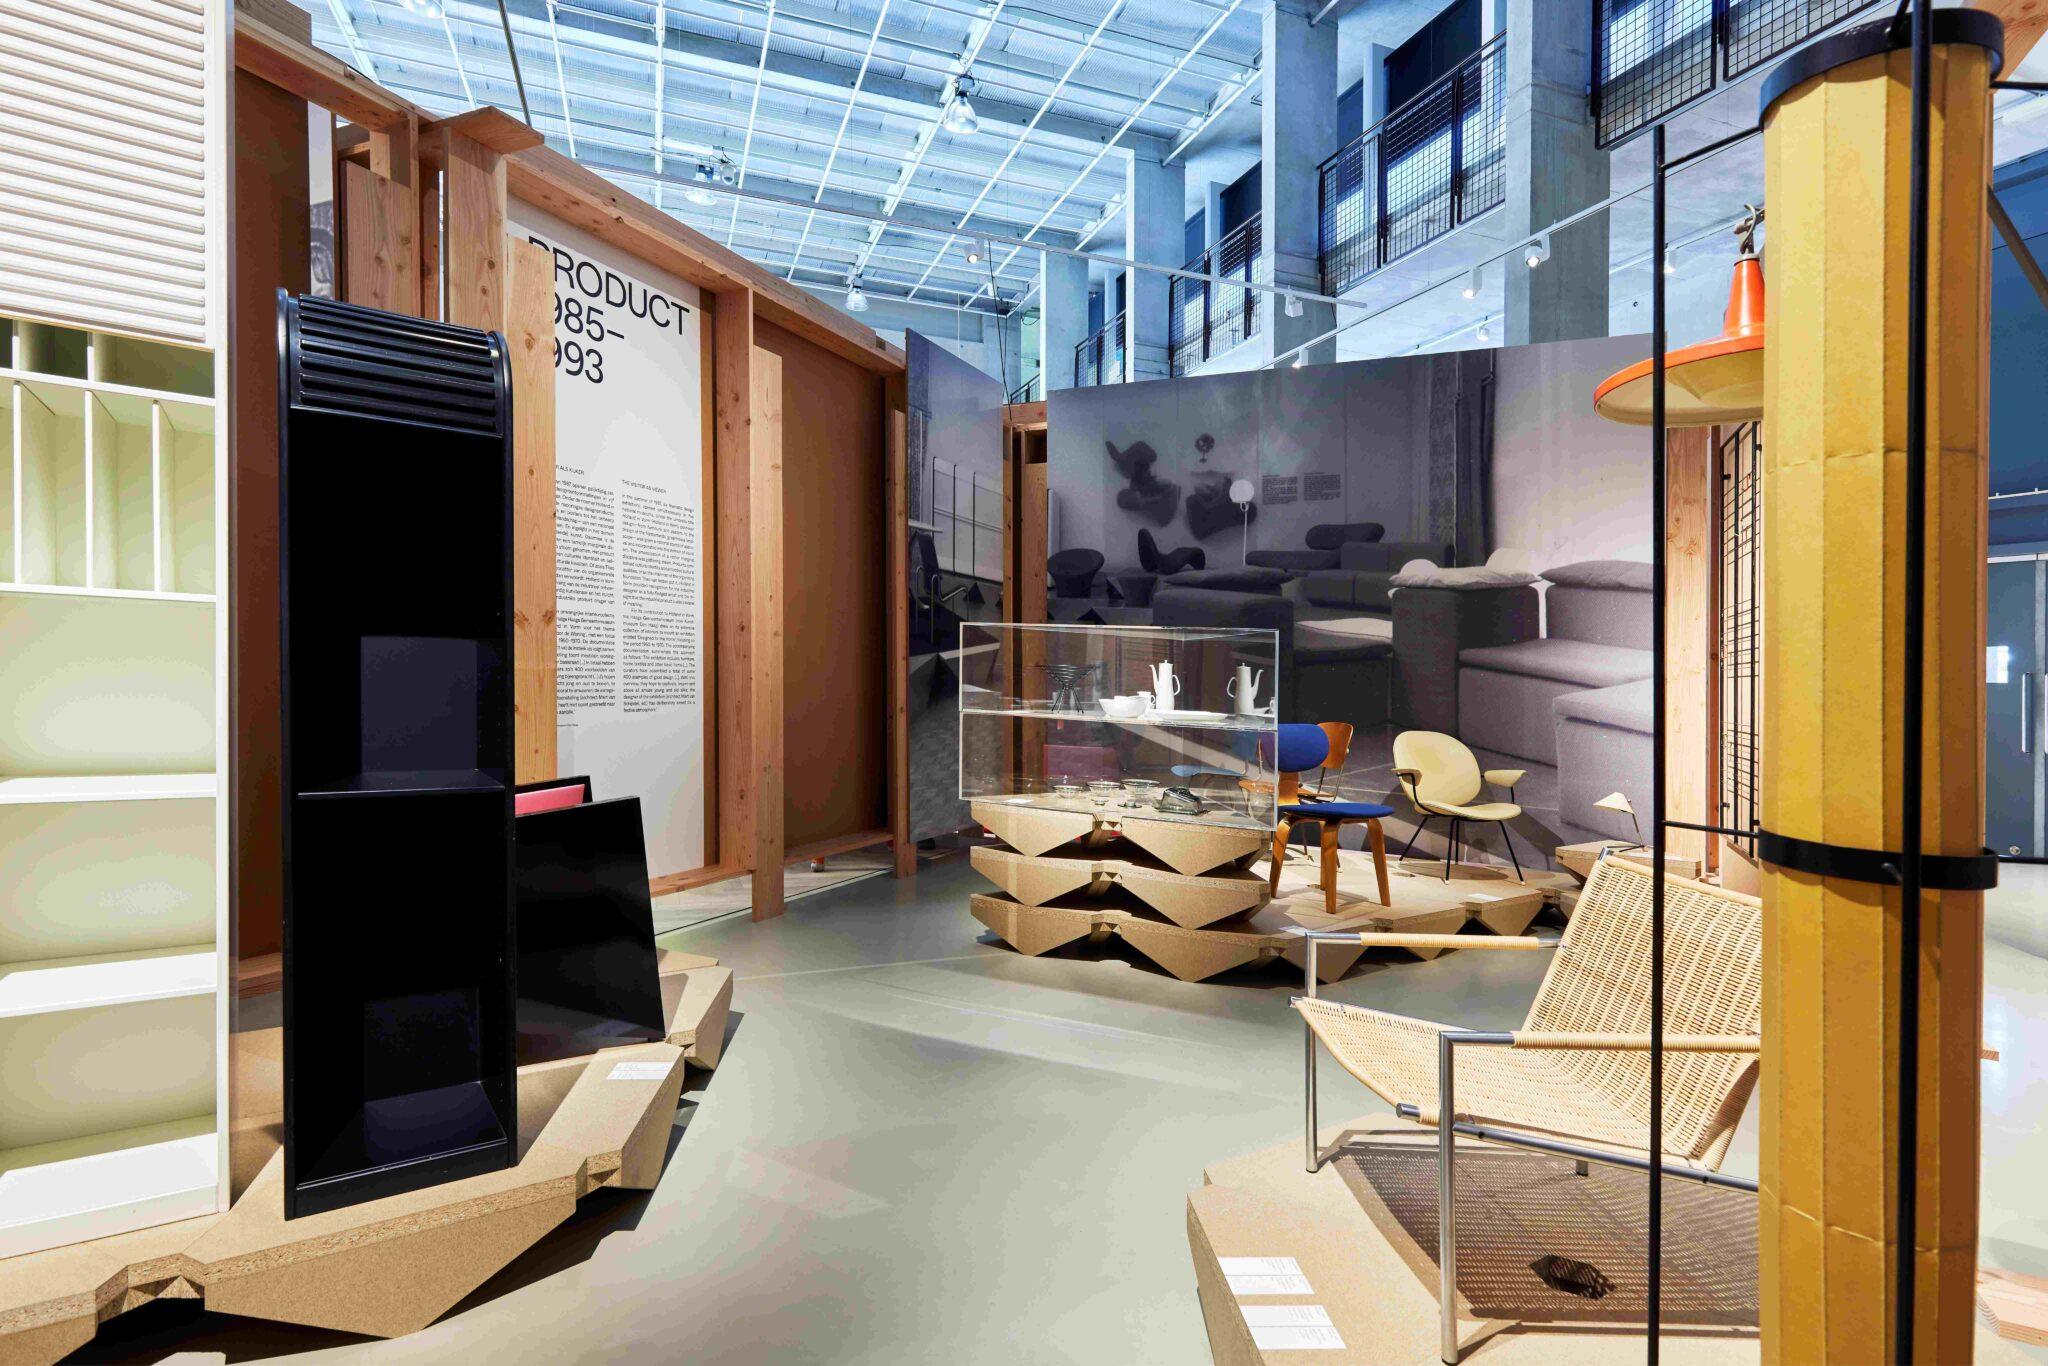 Tijdelijk Huis van Thuis Het Nieuwe Instituut Rotterdam 02